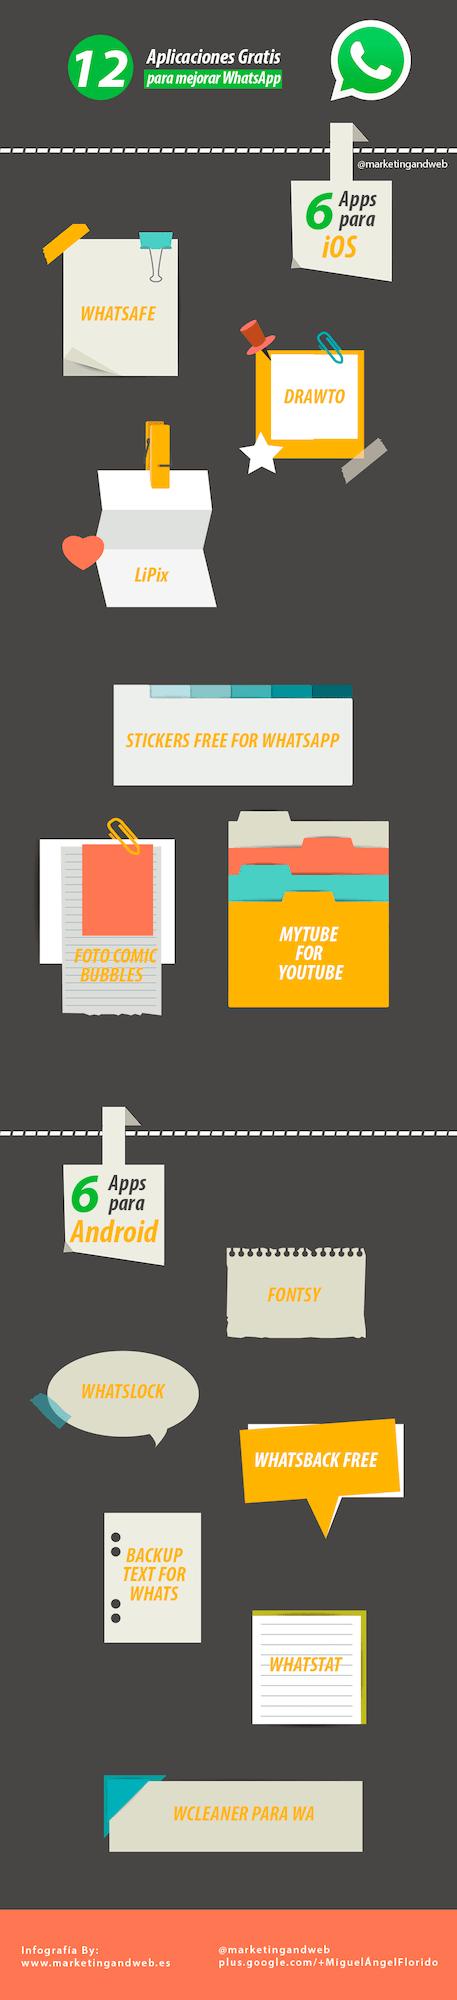 12 aplicaciones gratuitas para whatsapp infografia